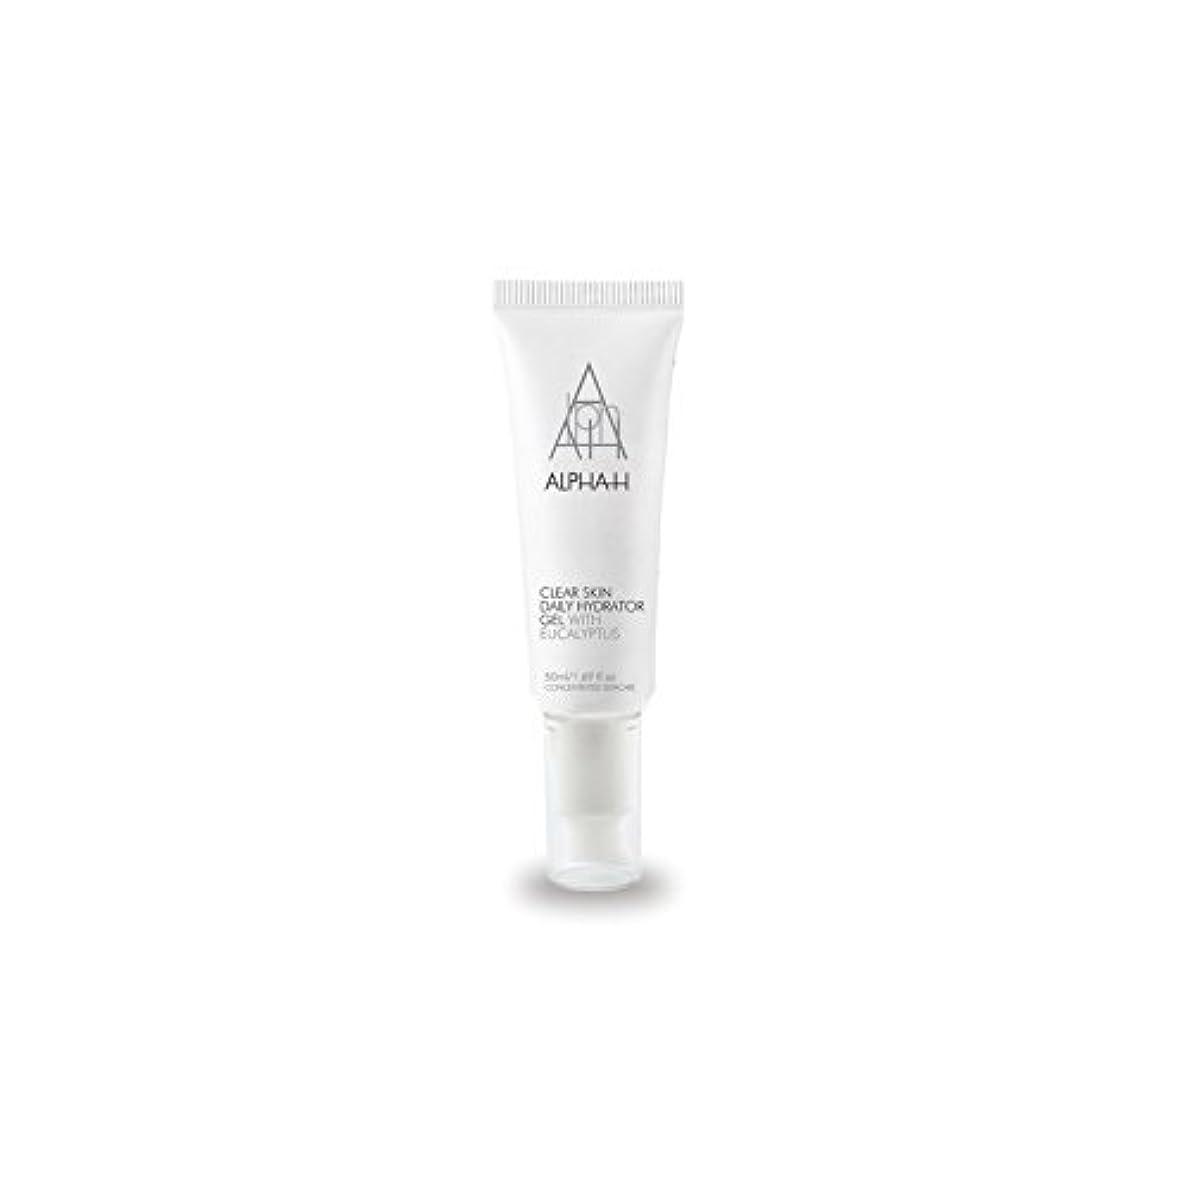 顕微鏡包帯否認するAlpha-H Clear Skin Daily Hydrator Gel (50ml) - アルファクリア皮膚毎日ハイドレーターゲル(50)中 [並行輸入品]